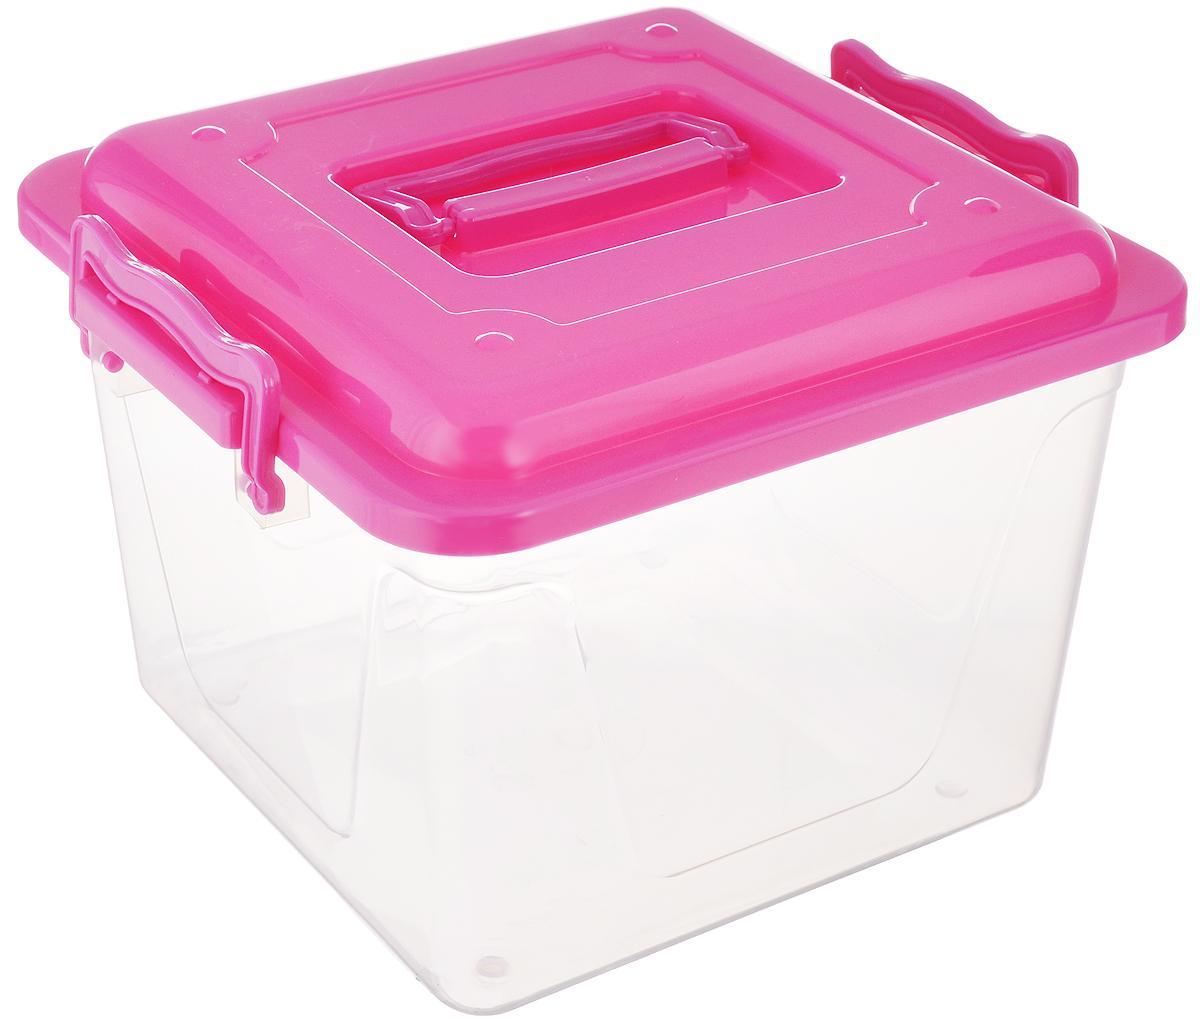 Контейнер Альтернатива, цвет: прозрачный, малиновый, 8,5 лJET007 moreКонтейнер Альтернатива прекрасно подойдет для хранения небольших игрушек, инструментов, швейных принадлежностей и многого другого. Он изготовлен из высококачественного пластика. Контейнер плотно закрывается крышкой с двумя защелками. Удобный и легкий контейнер позволит вам хранить вещи в полном порядке, а благодаря современному дизайну он впишется в любой интерьер. Контейнер имеет компактные размеры, поэтому не занимает много места.Размер (с учетом крышки): 26 х 27 х 20,5 см.